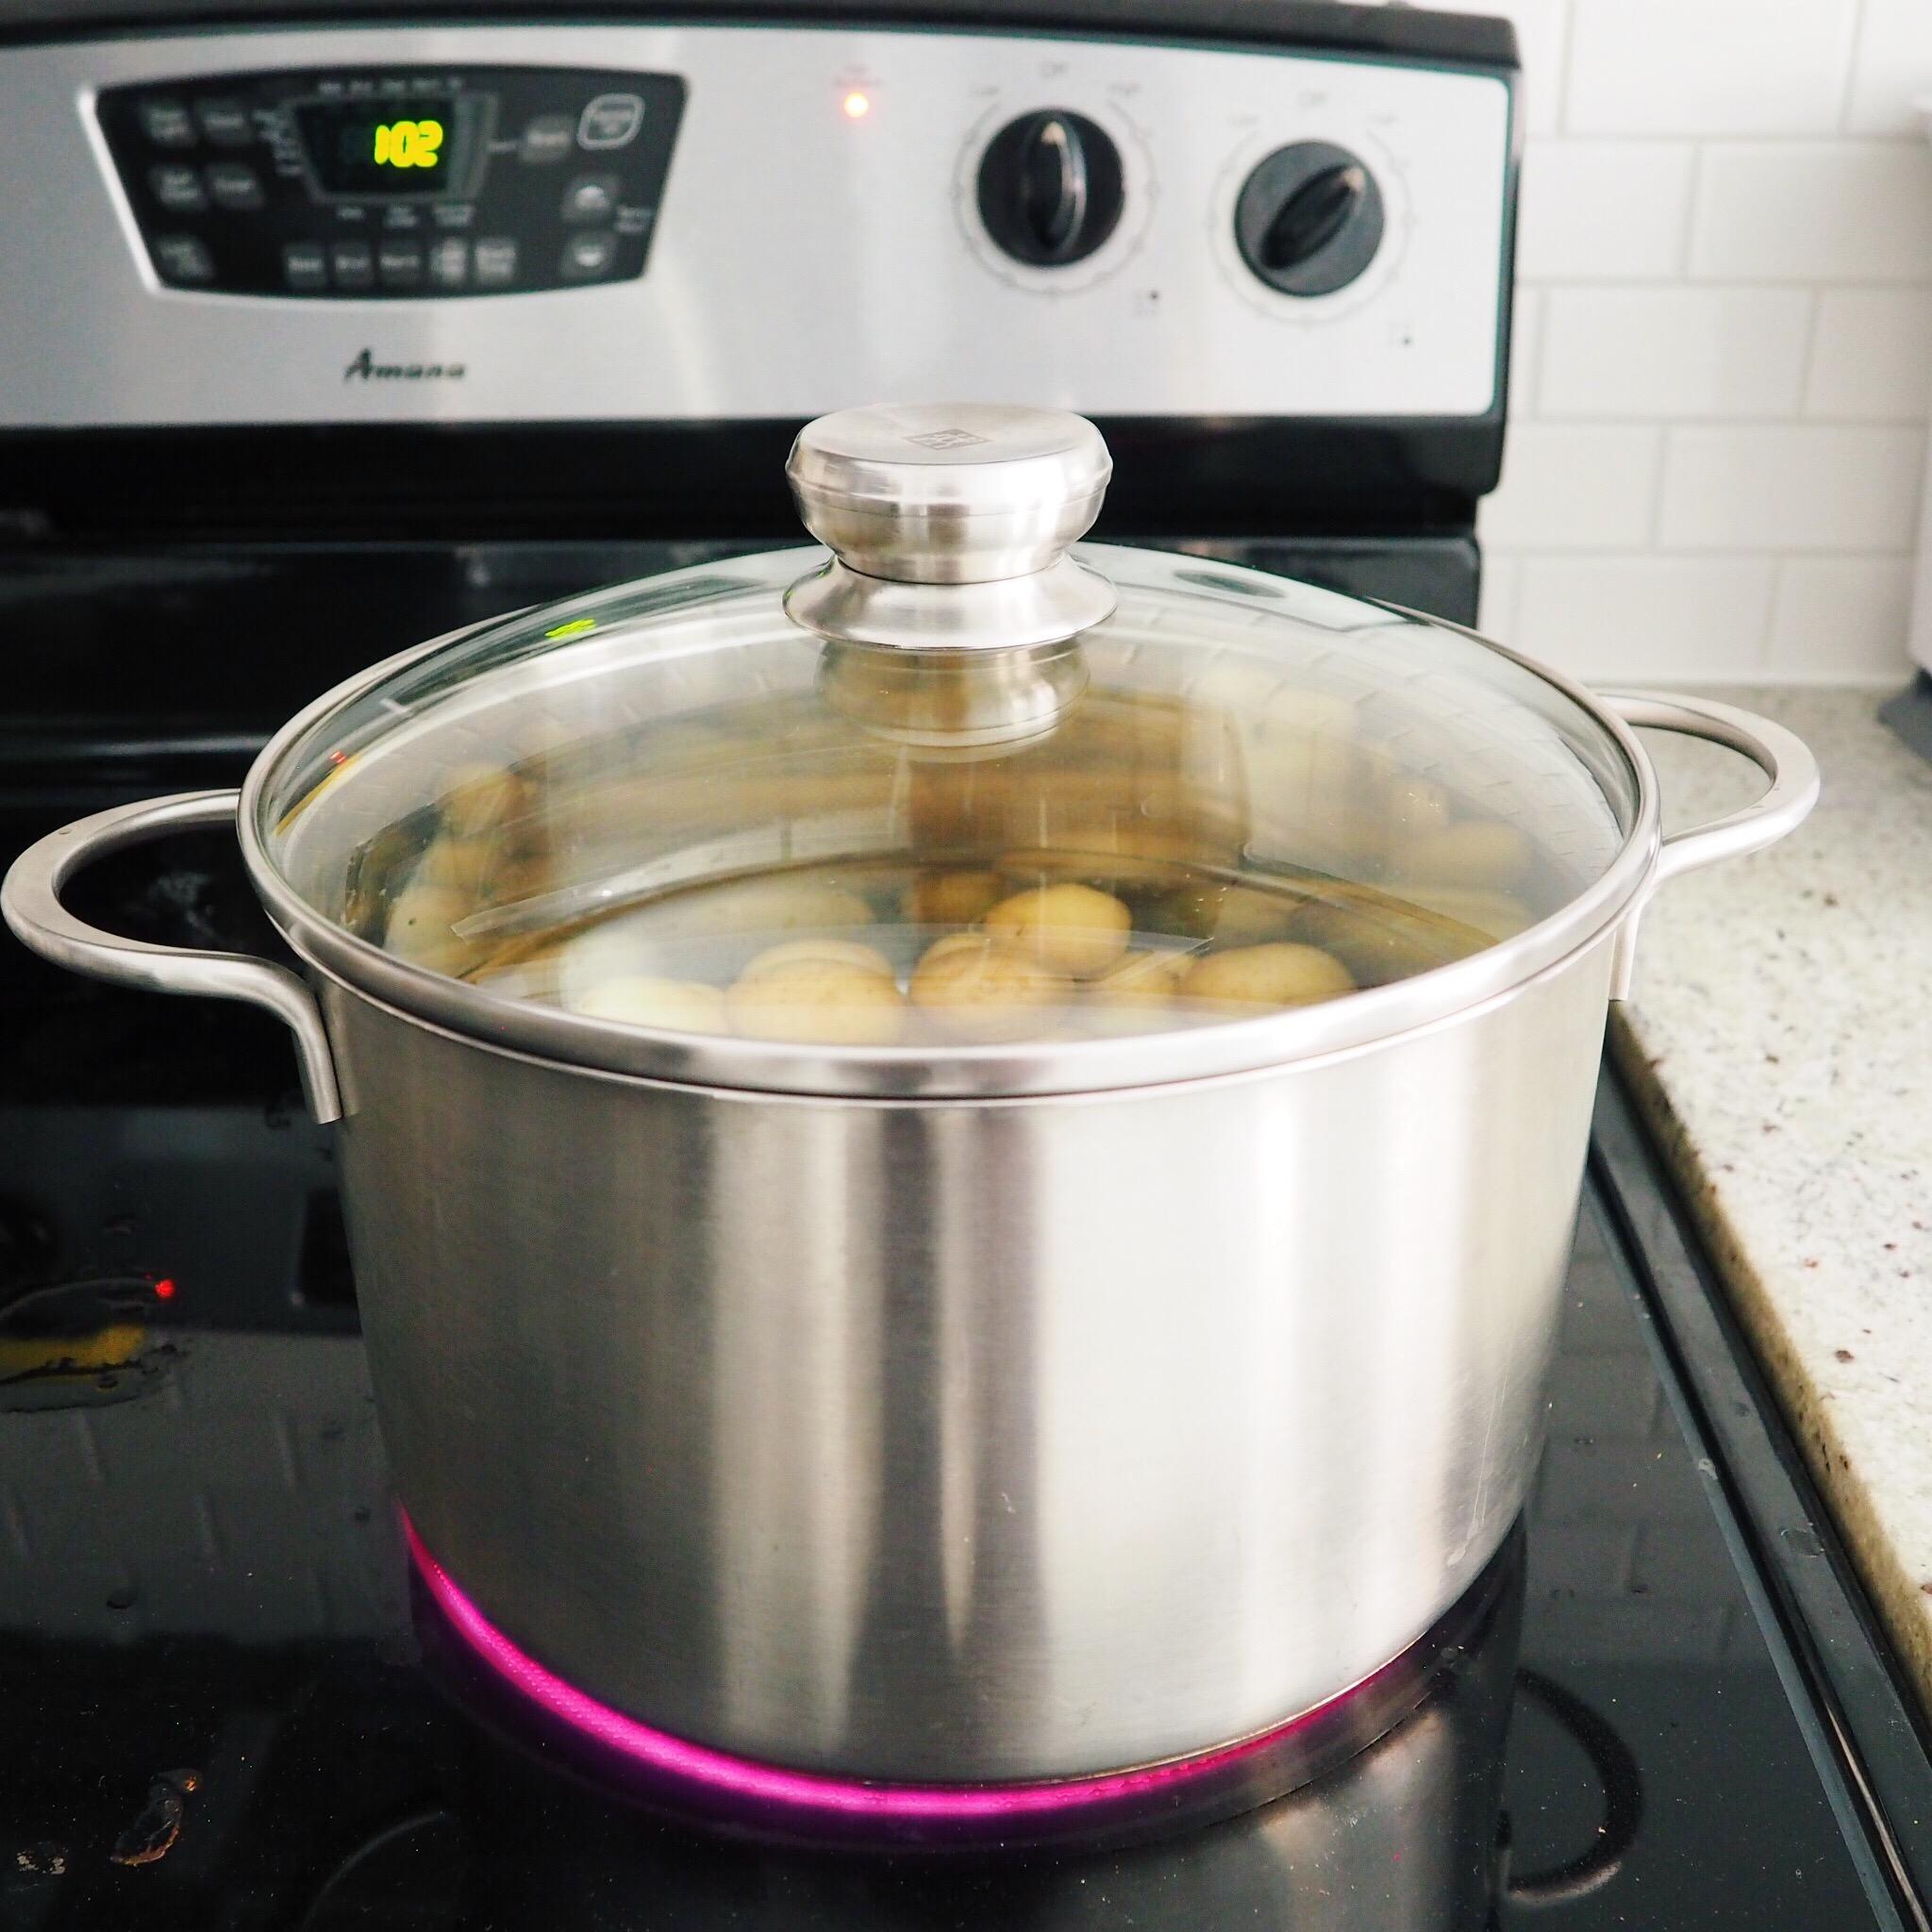 boil potatoes